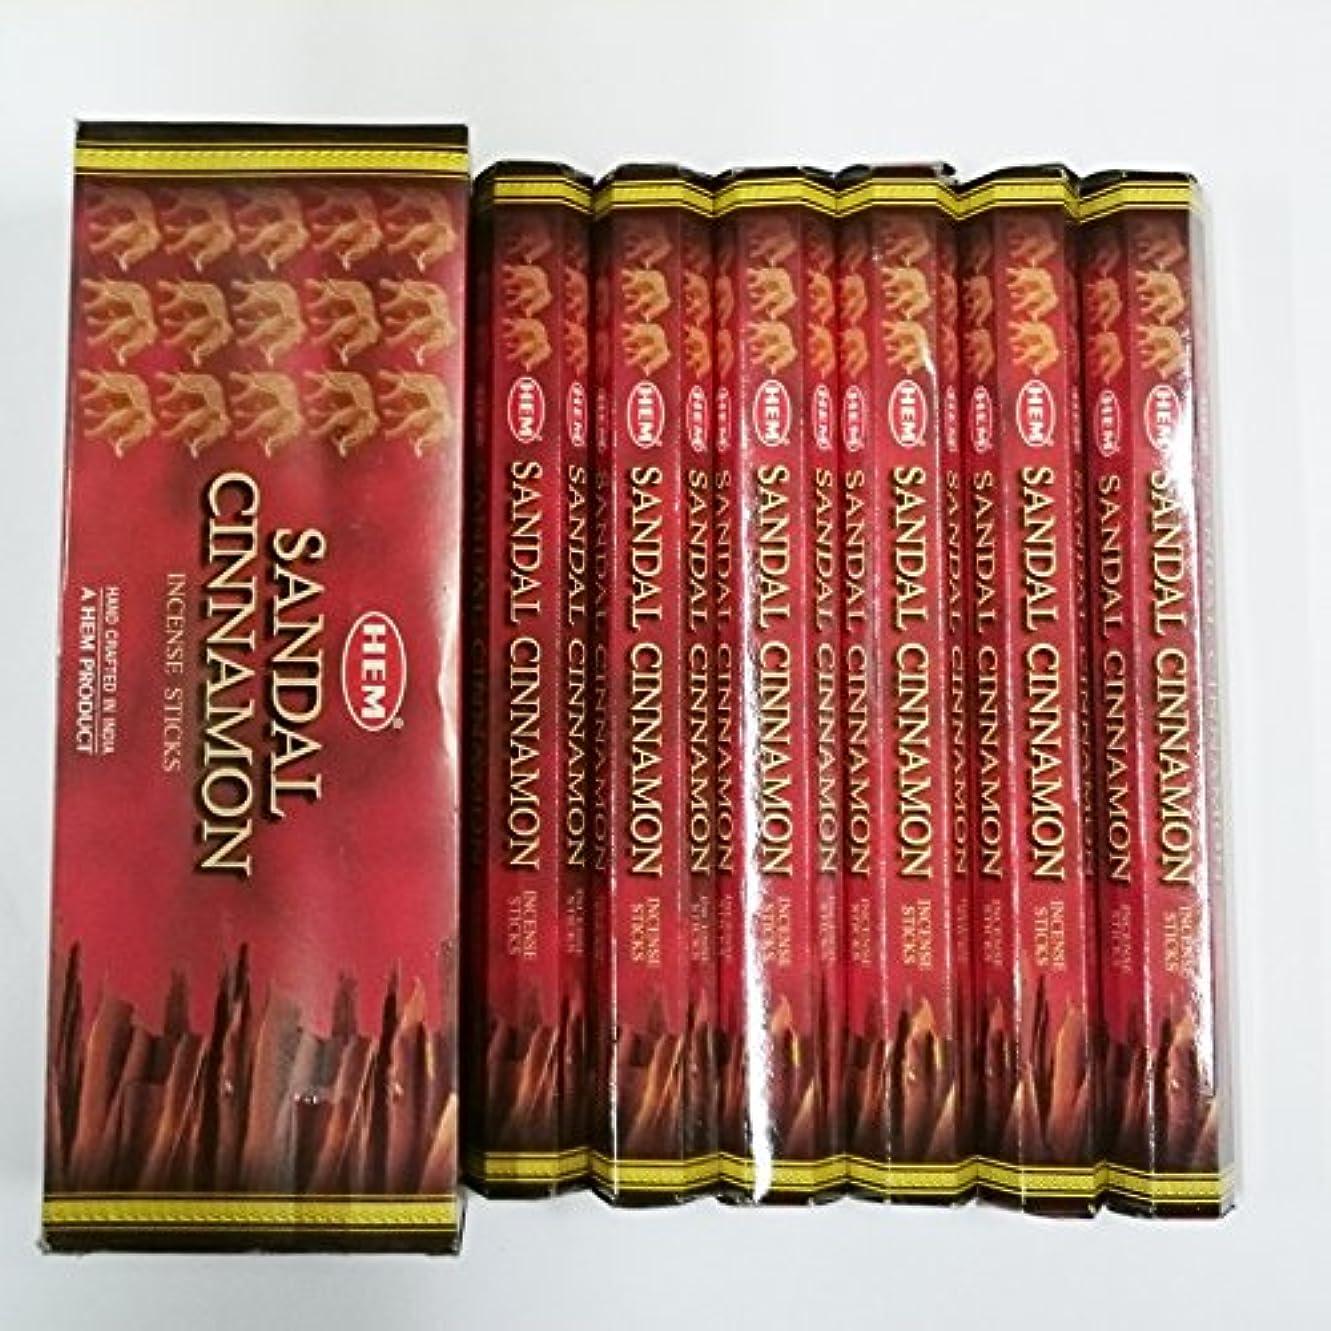 問題バー食欲HEM (ヘム) インセンス スティック へキサパック サンダル シナモン香 6角(20本入)×6箱 [並行輸入品]Sandal Cinnamon